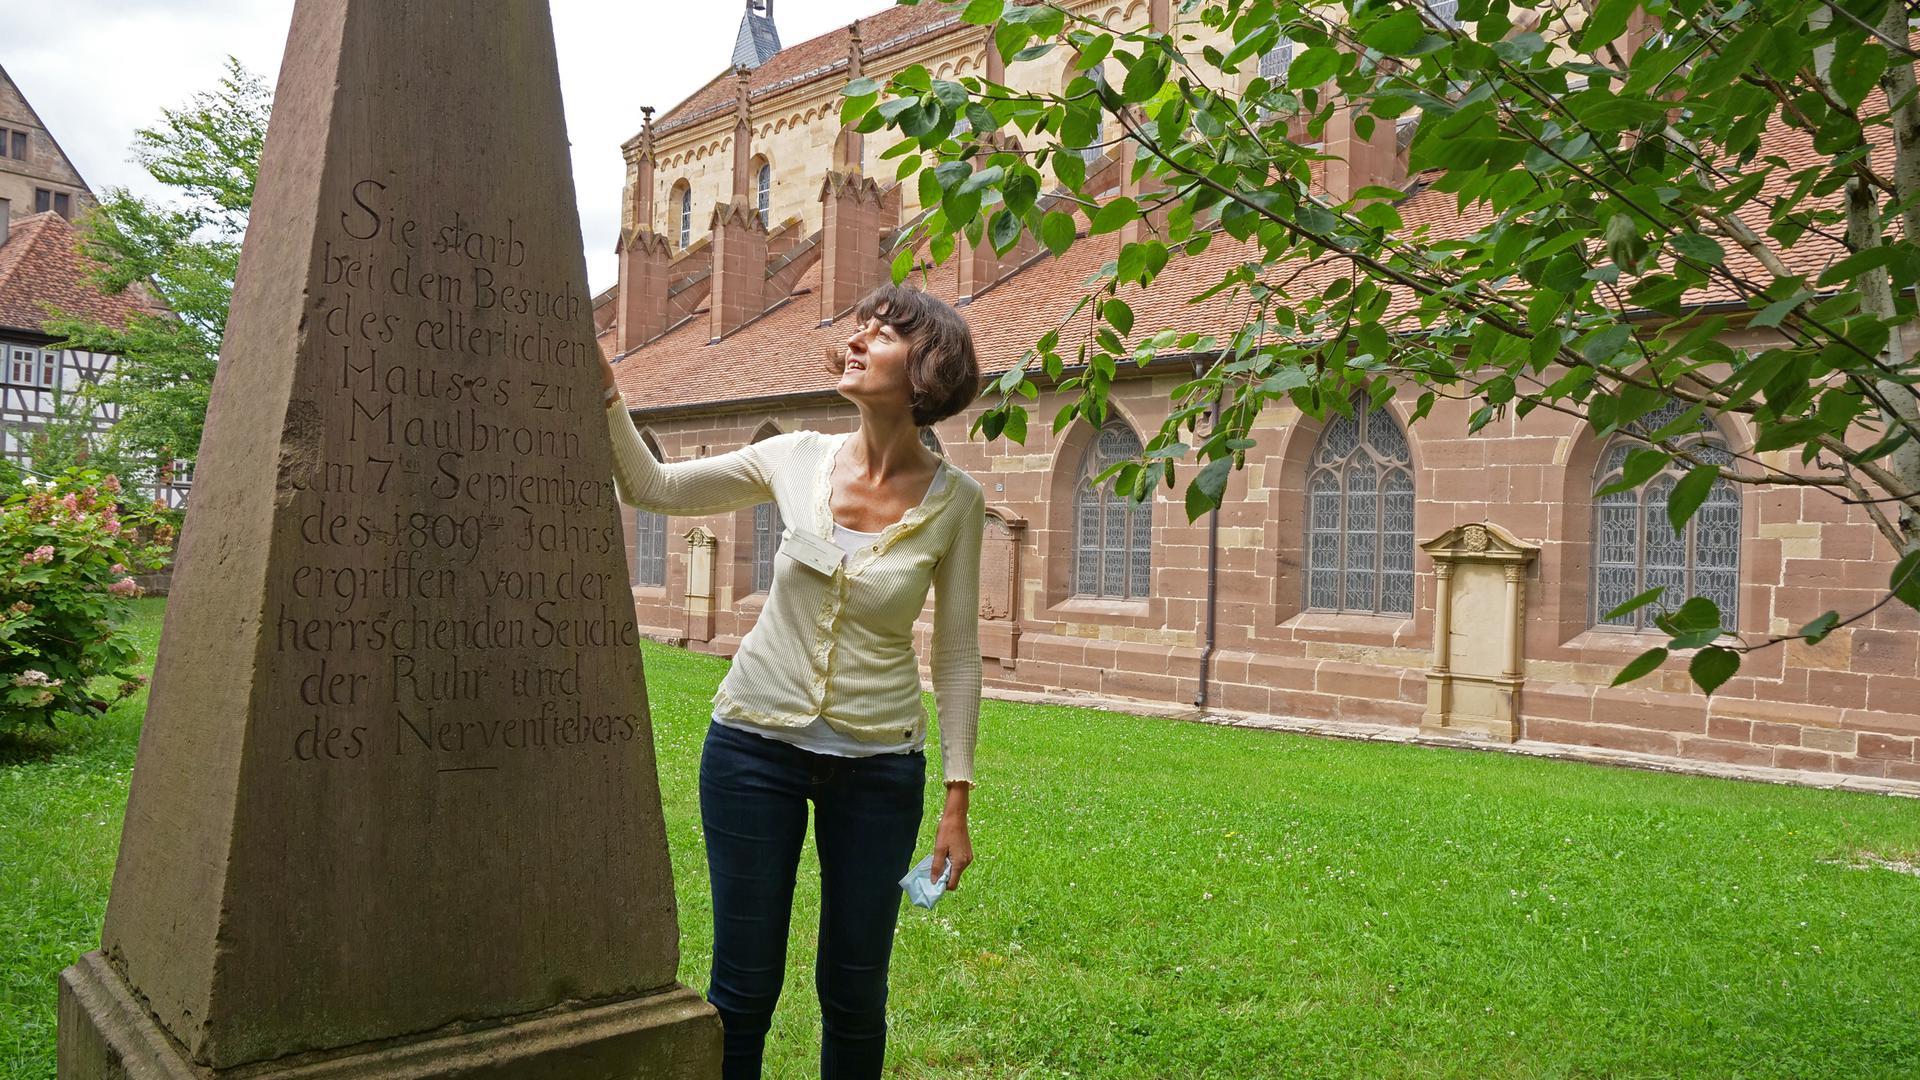 Eine Frau steht neben einem Obelisken